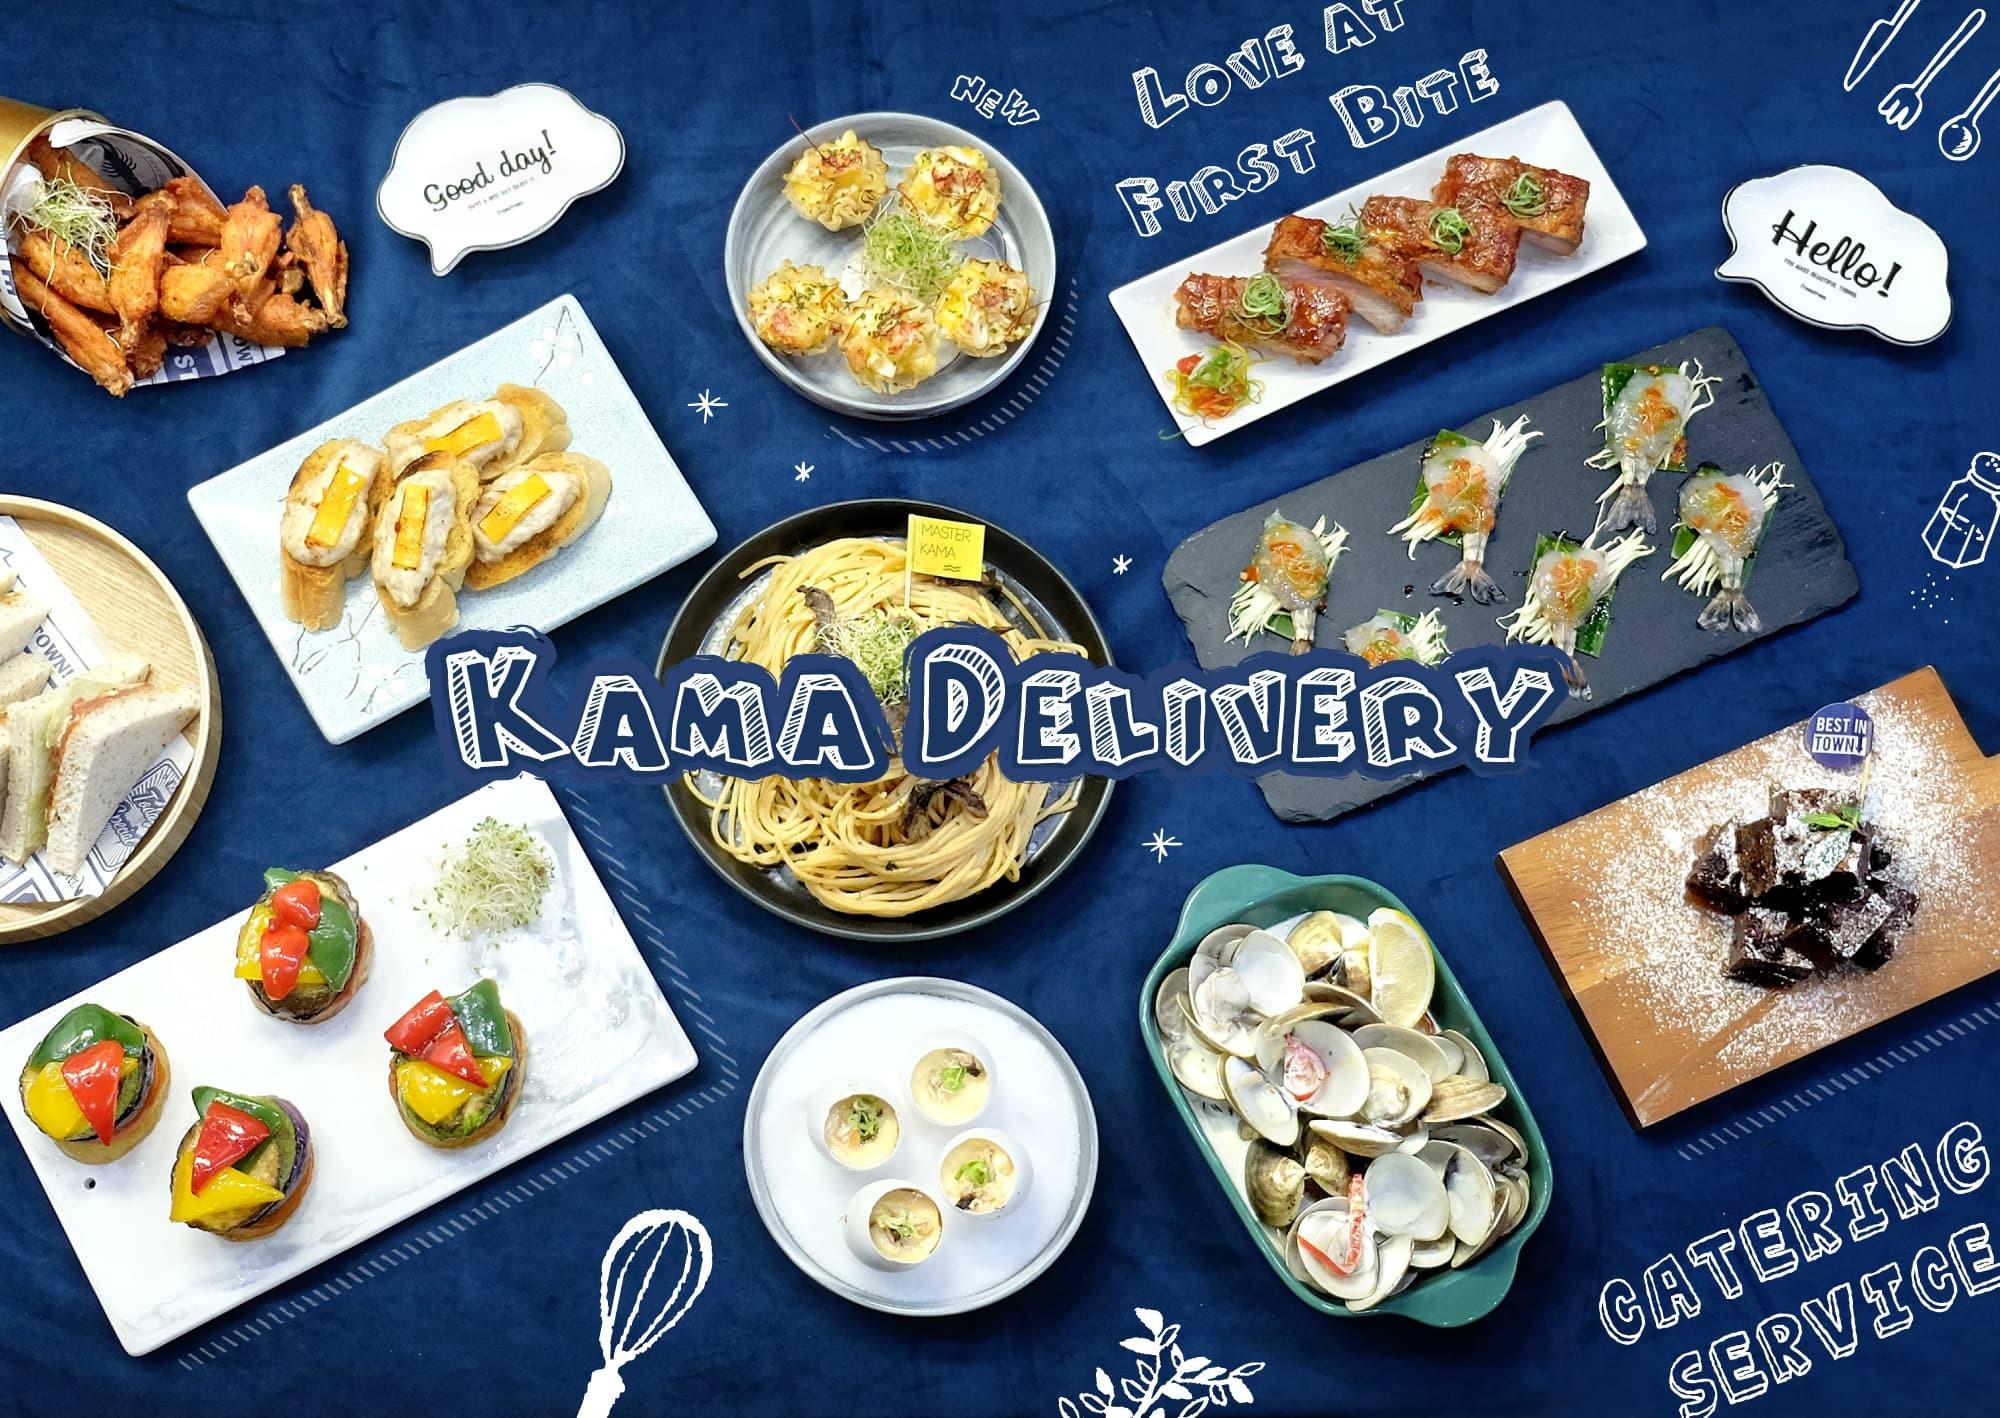 到會伙伴推介|Kama Delivery為生日會、慶祝活動、家庭聚會等場合炮製多人外賣單點美食,歡迎WhatsApp聯絡我們查詢報價。